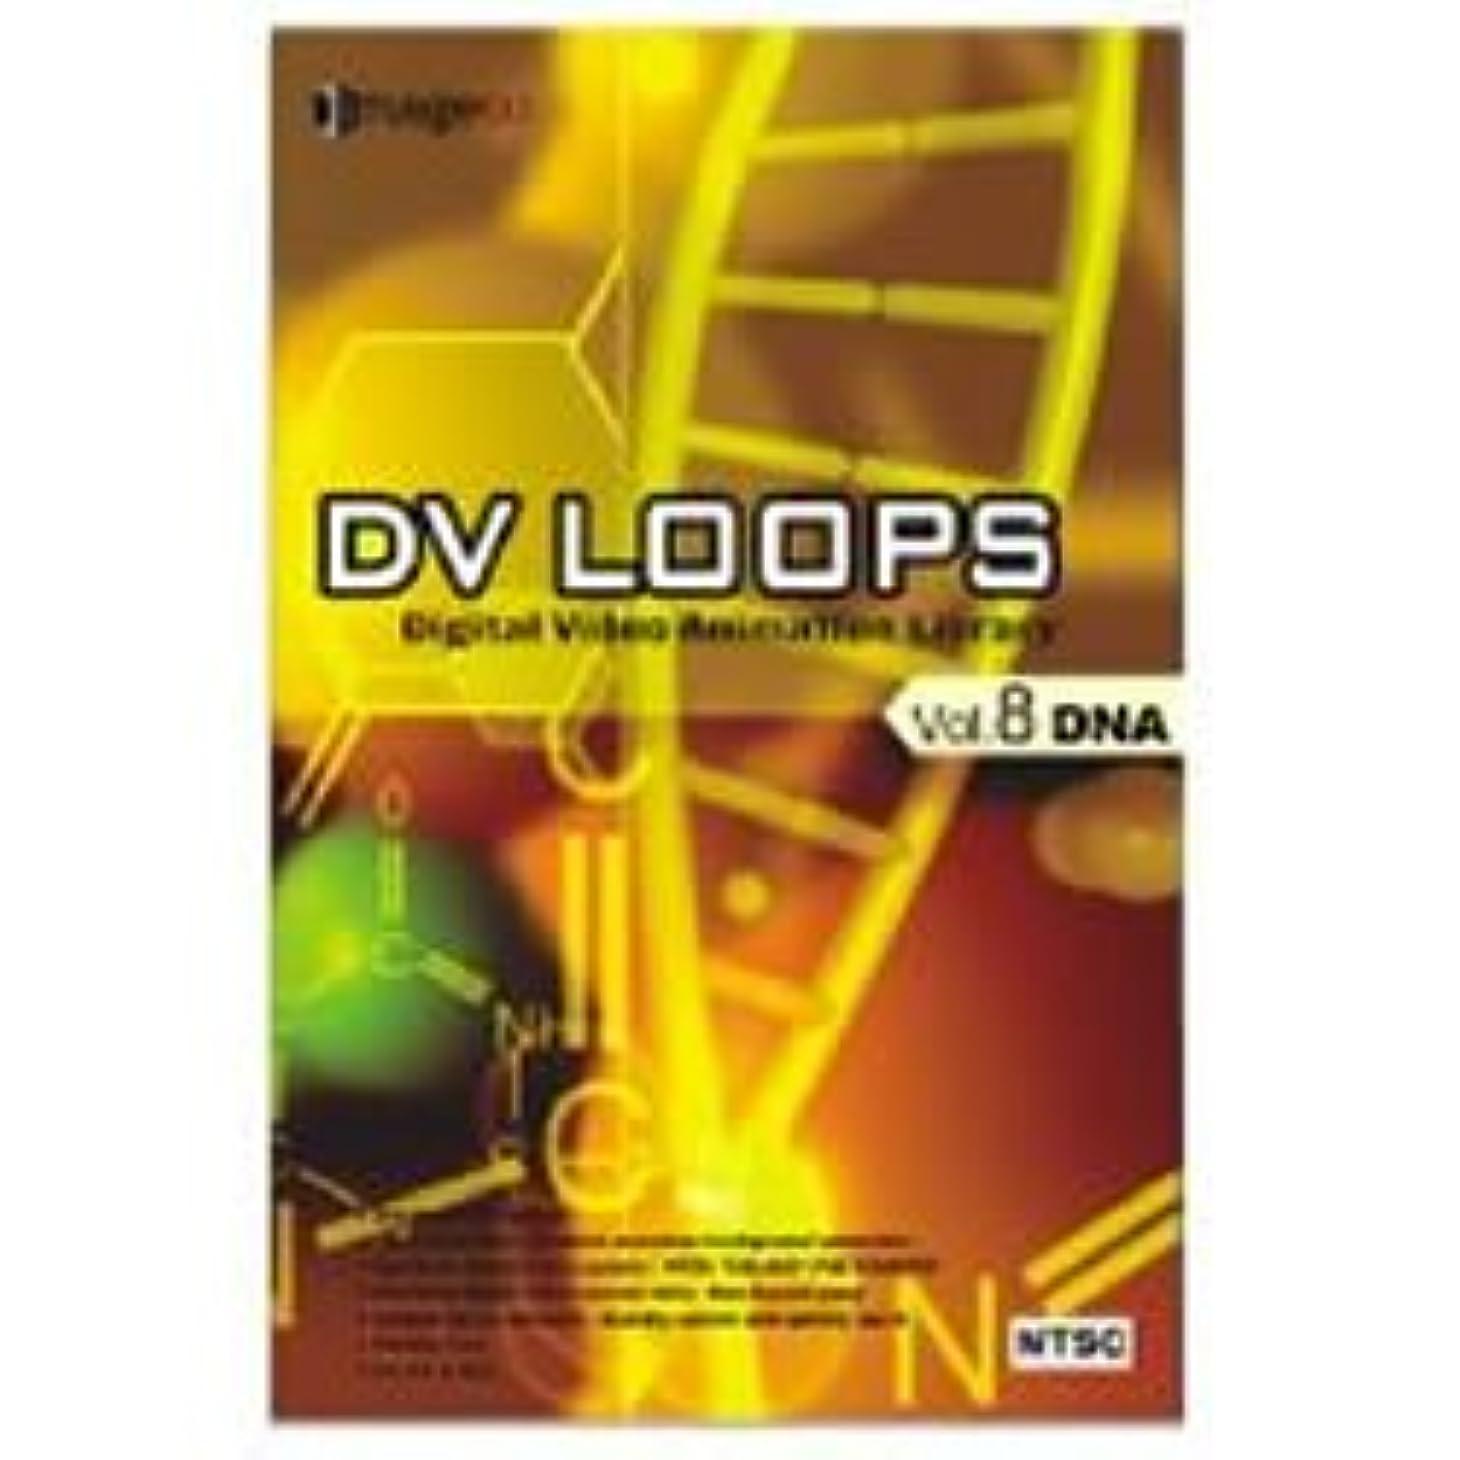 ランチョンブラウス辞書DV LOOPS Vol.8 DNA